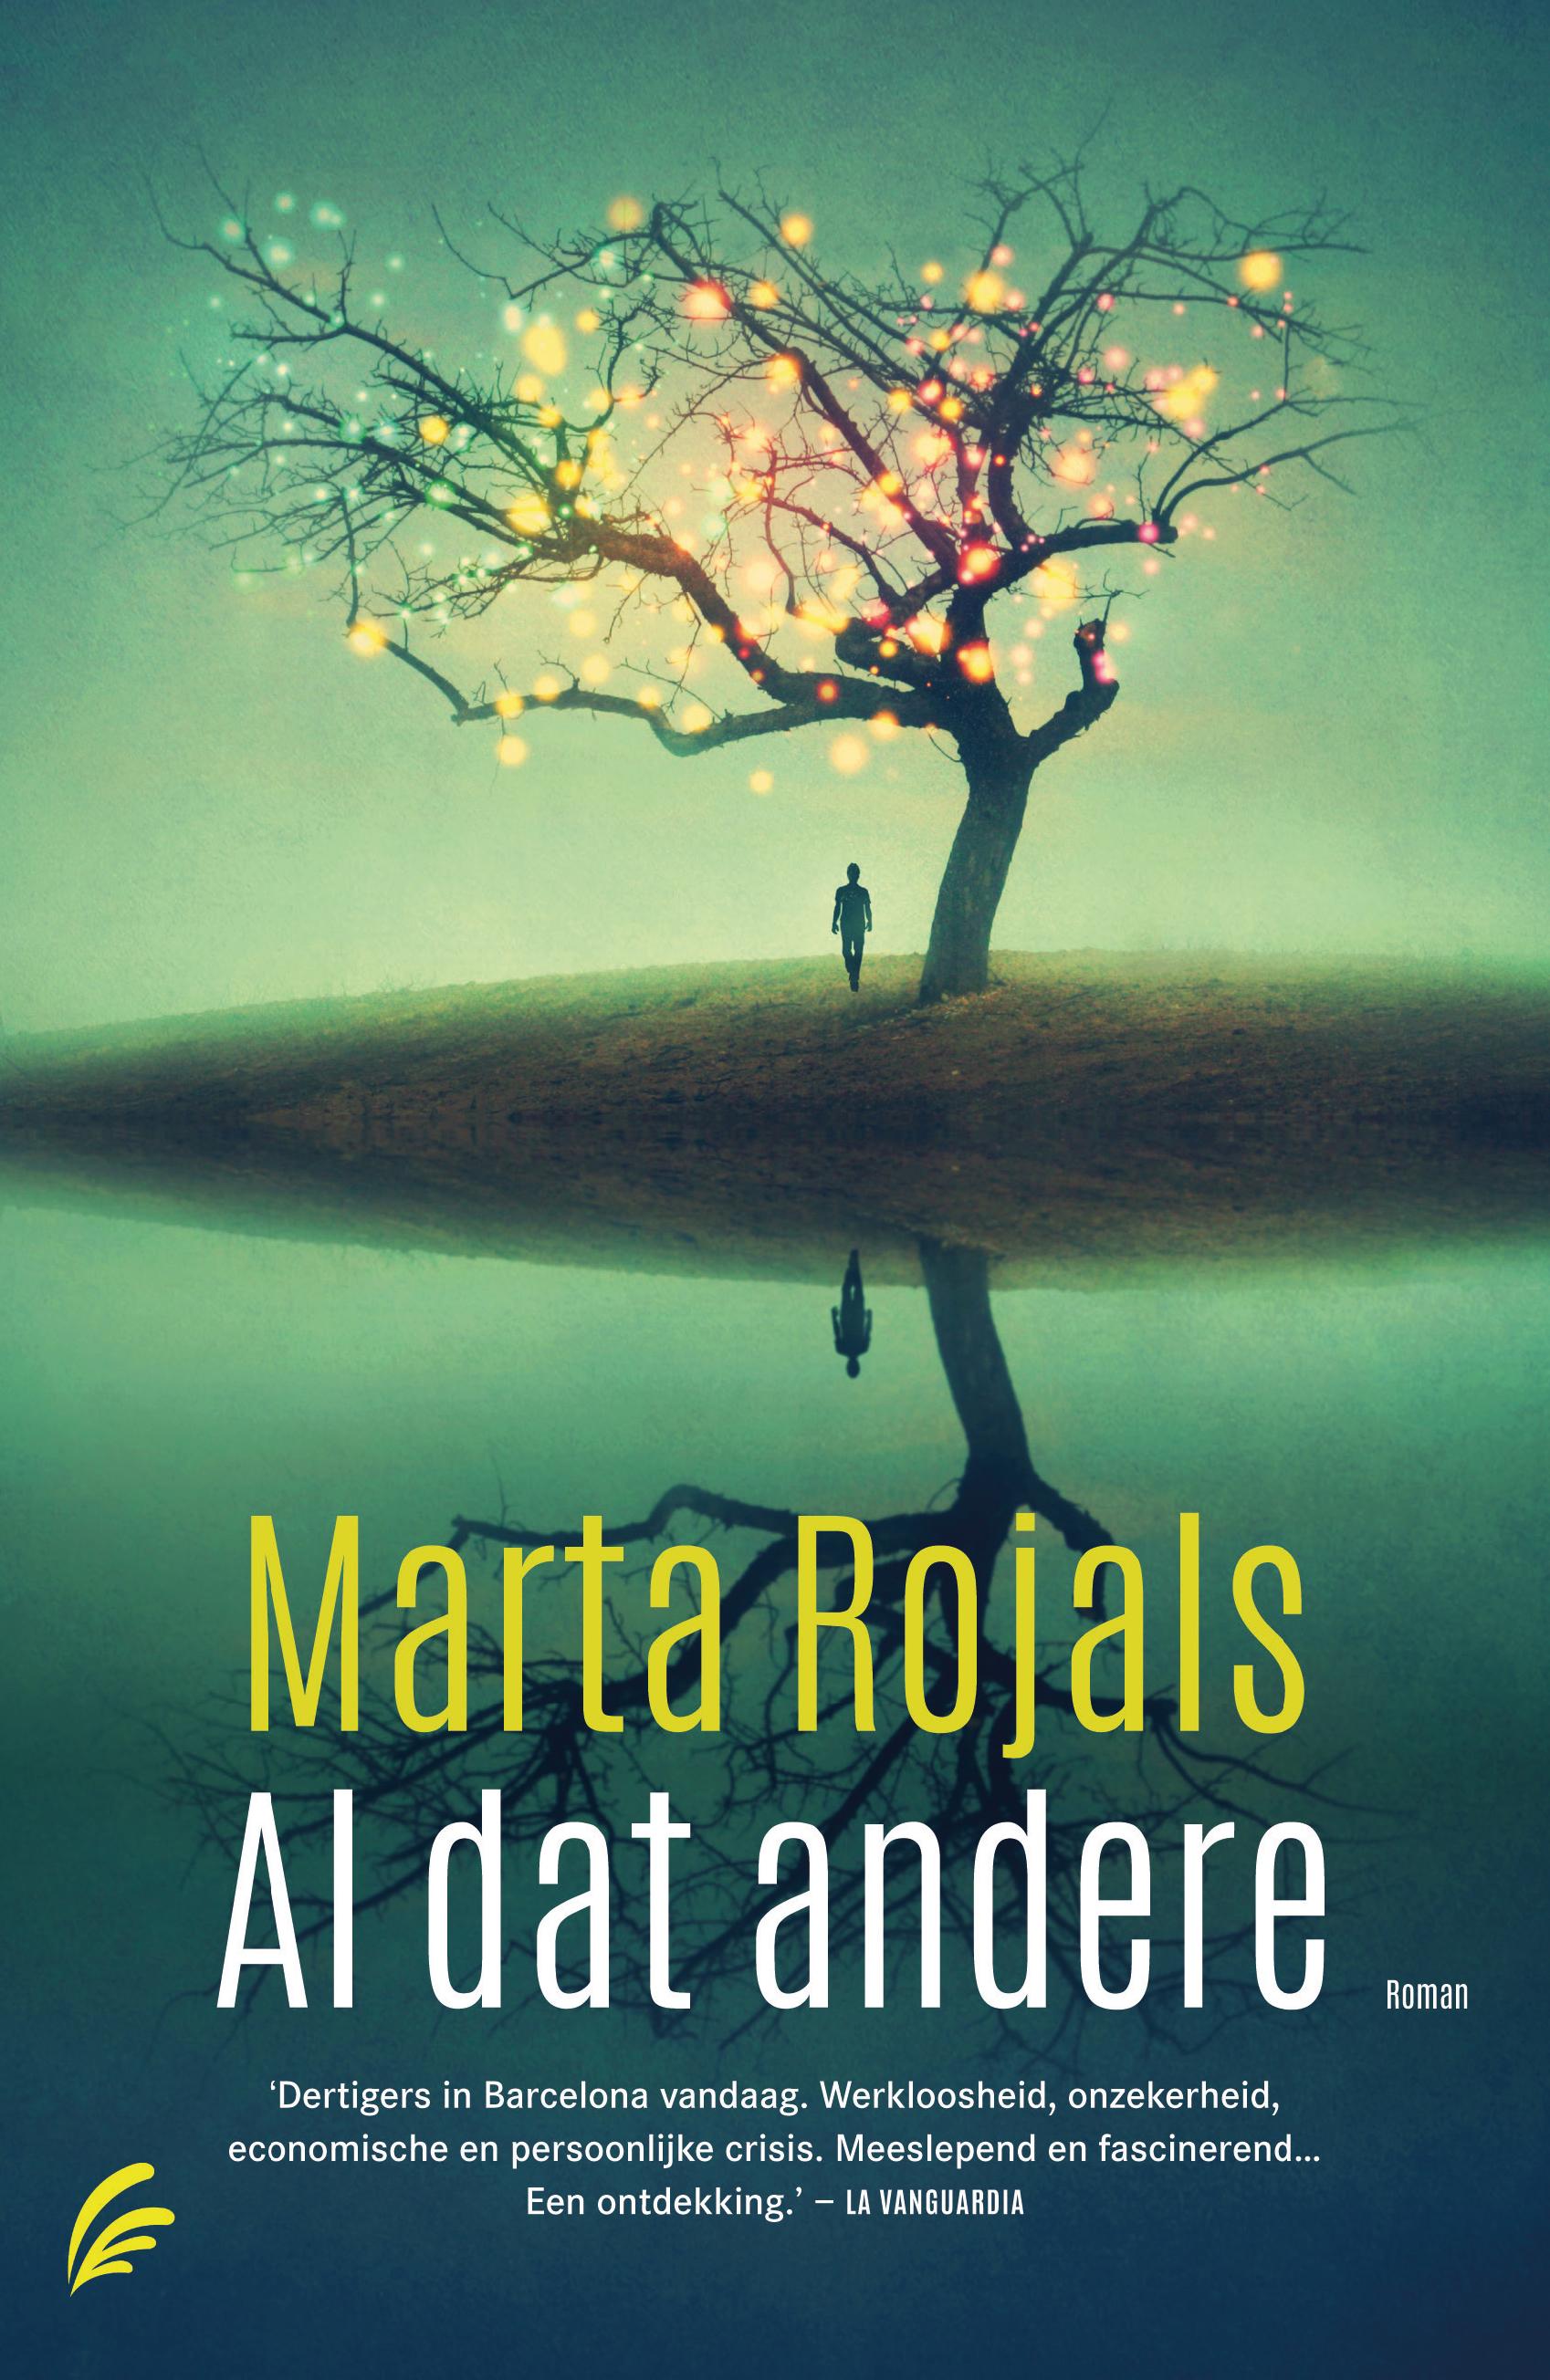 Al dat andere – Marta Rojals